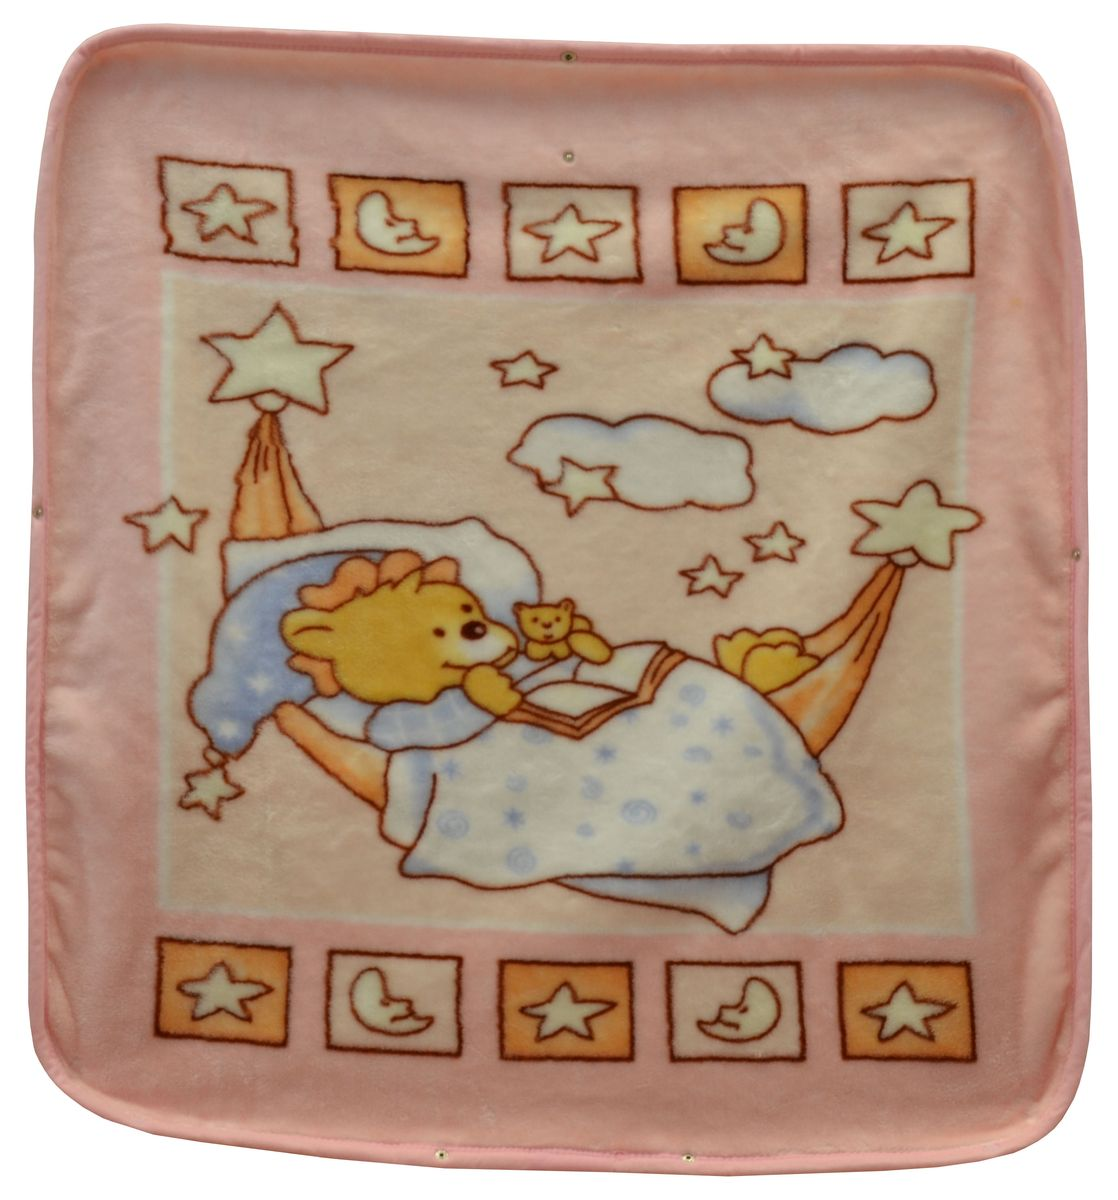 Bonne Fee Плед-накидка для младенцев на молнии 1, 80 х 90 см, цвет: розовыйF251004_голубойПлед-накидка для младенцев на молнии Bonne Fee - защита, тепло и комфорт для малышей - использован надёжный, качественный и мягкий материал! Удобство и спокойствие для родителей обеспечивается универсальностью пледа-накидки, конструкция которого позволяет ему легко превращаться в конвертик. Отличное качество и практичность! Любите своего ребёнка и дарите ему лучшее!